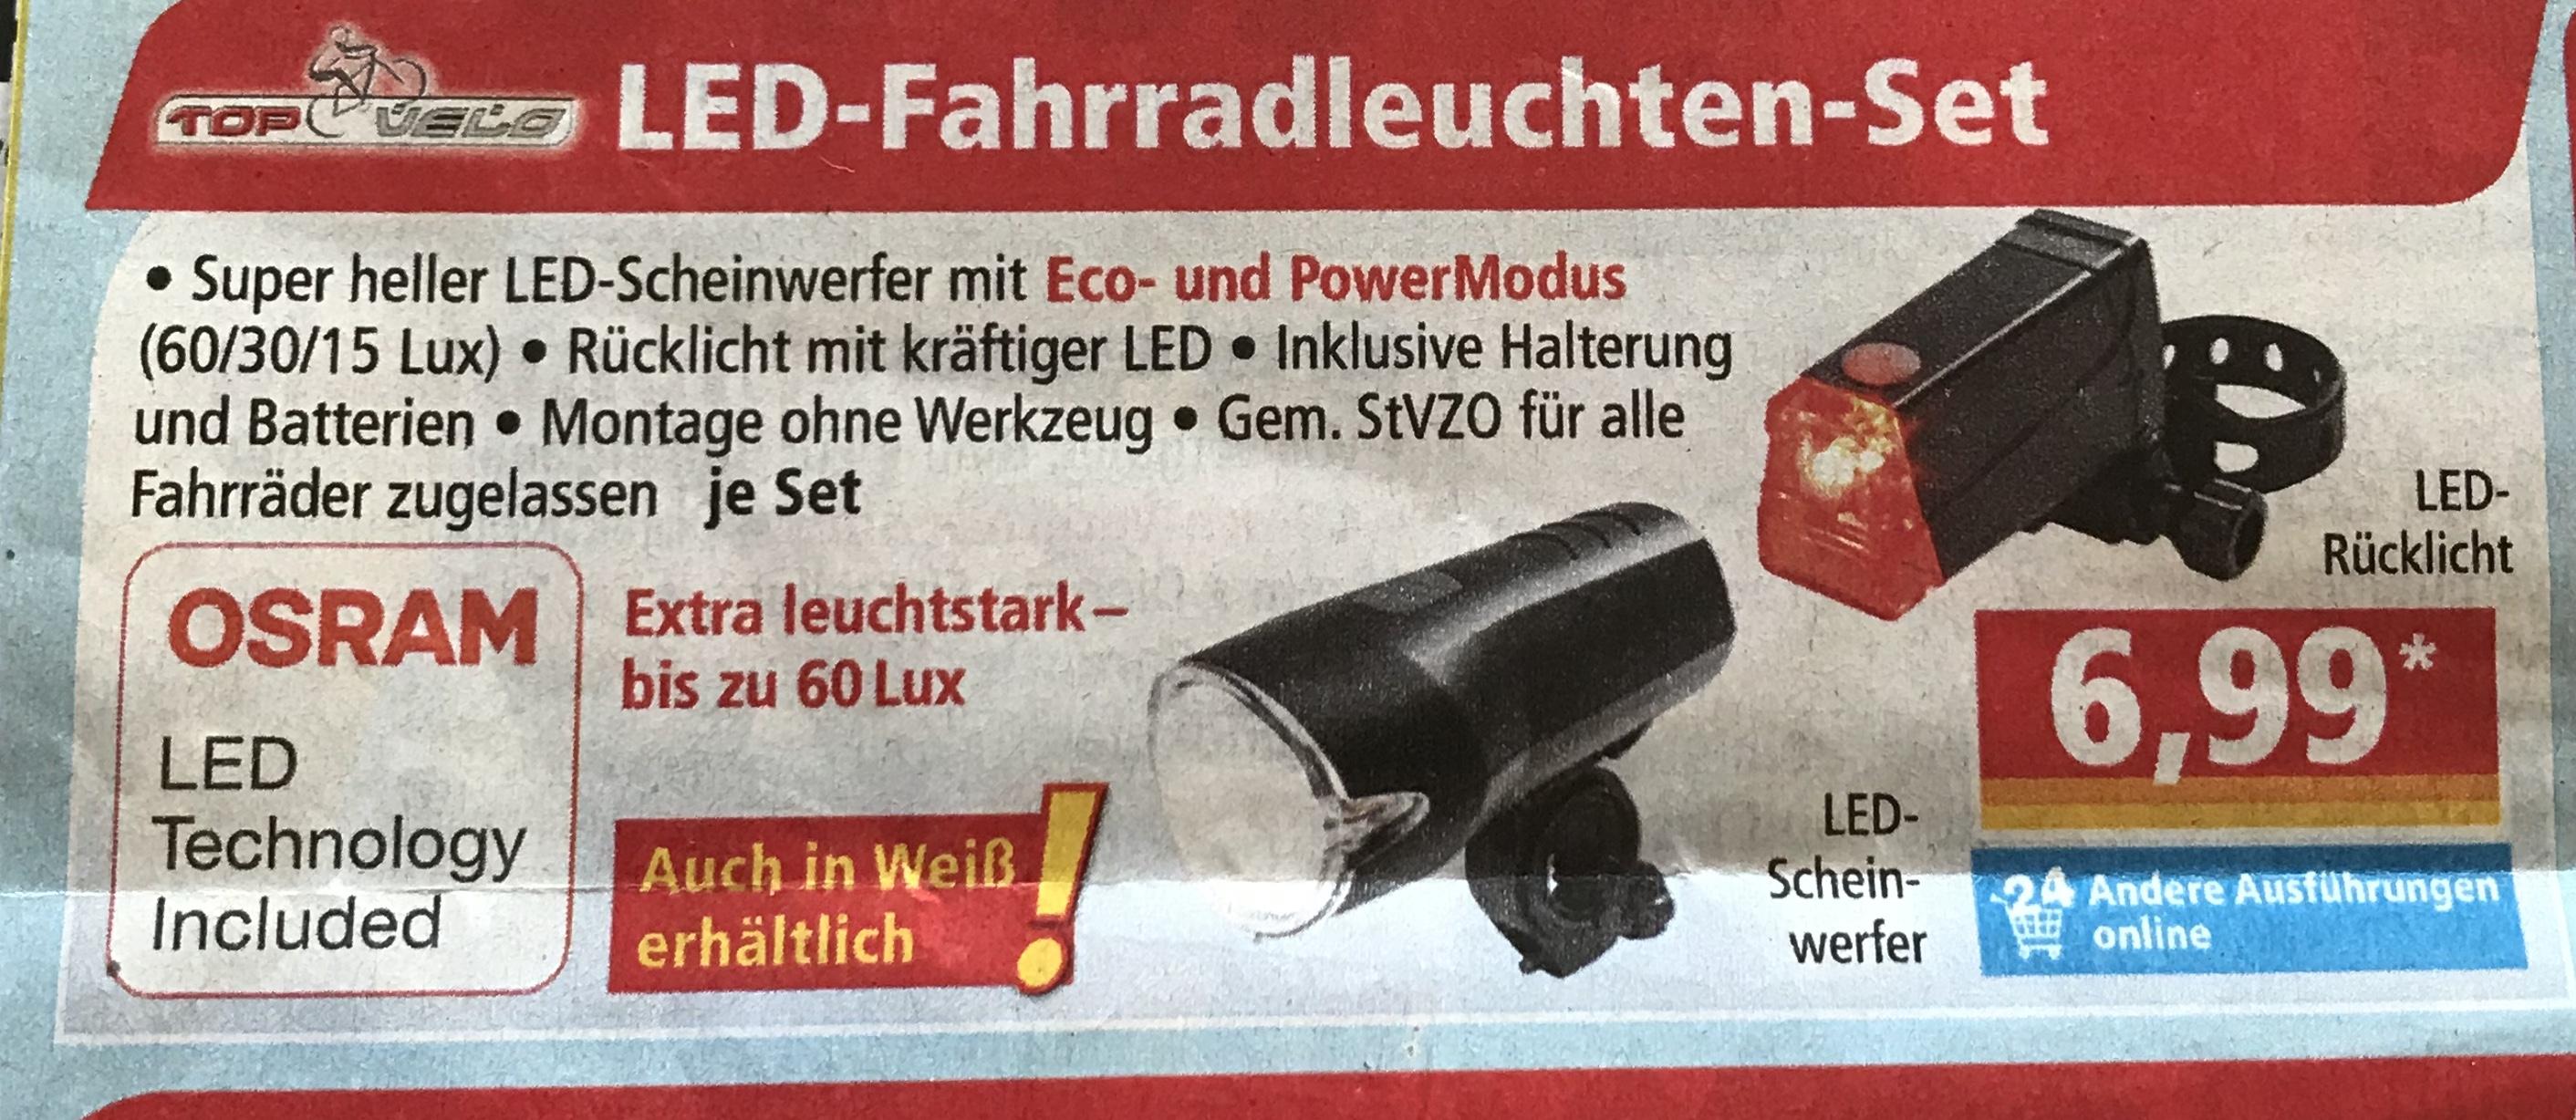 [Norma ab 06.03.] Fahrradleuchten-Set 60 LUX mit OSRAM LED